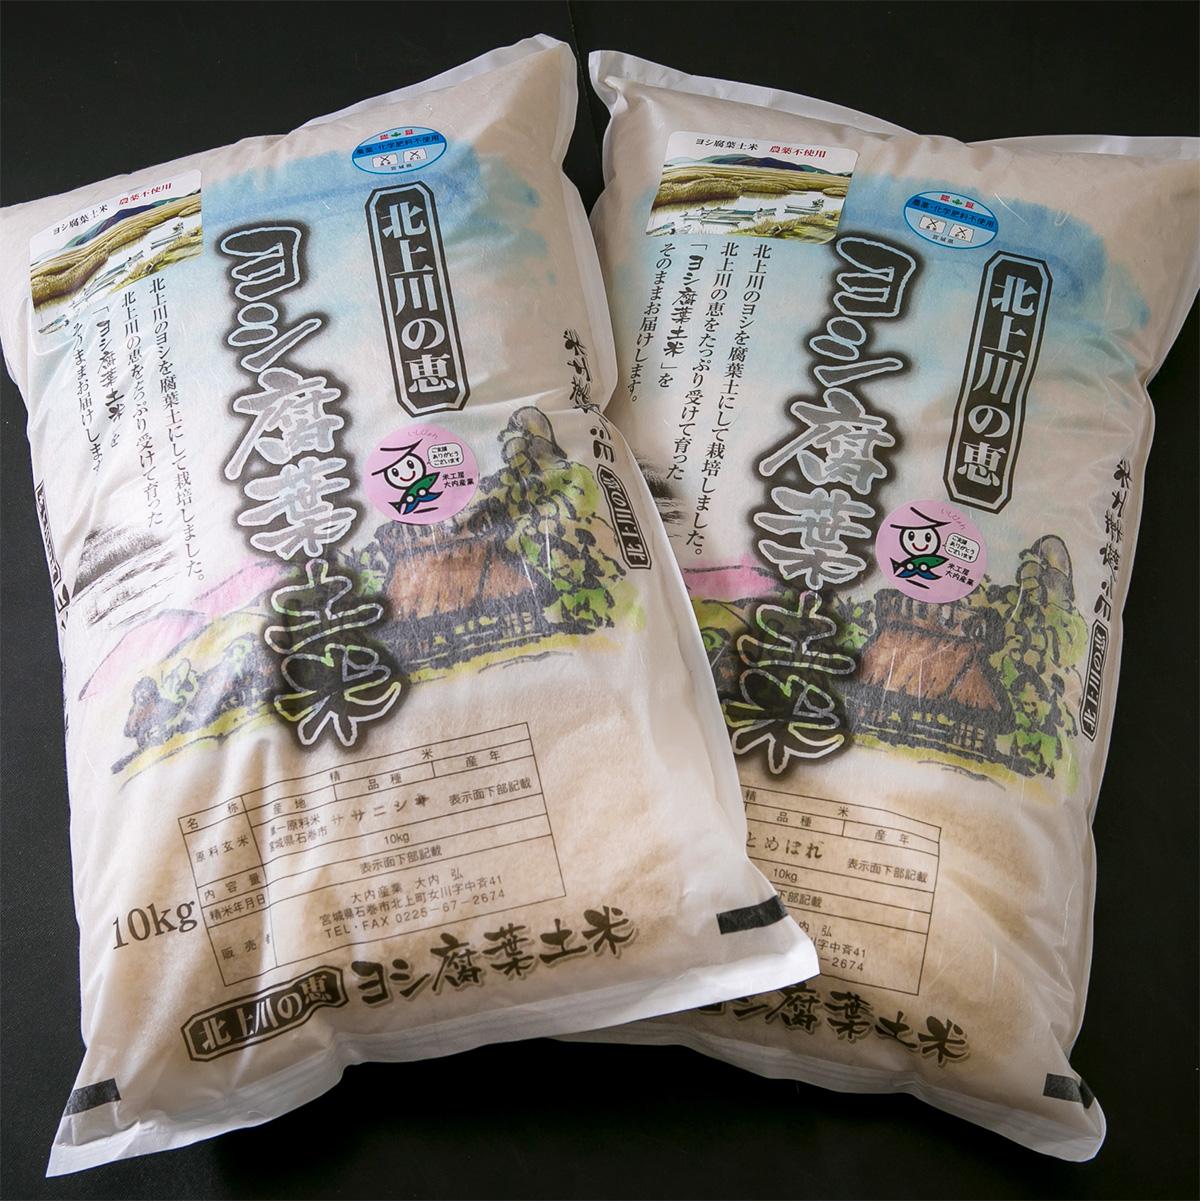 【ふるさと納税】節減対象農薬:栽培期間不使用 ヨシ腐葉土米 石巻産 30kg(ひとめぼれ)